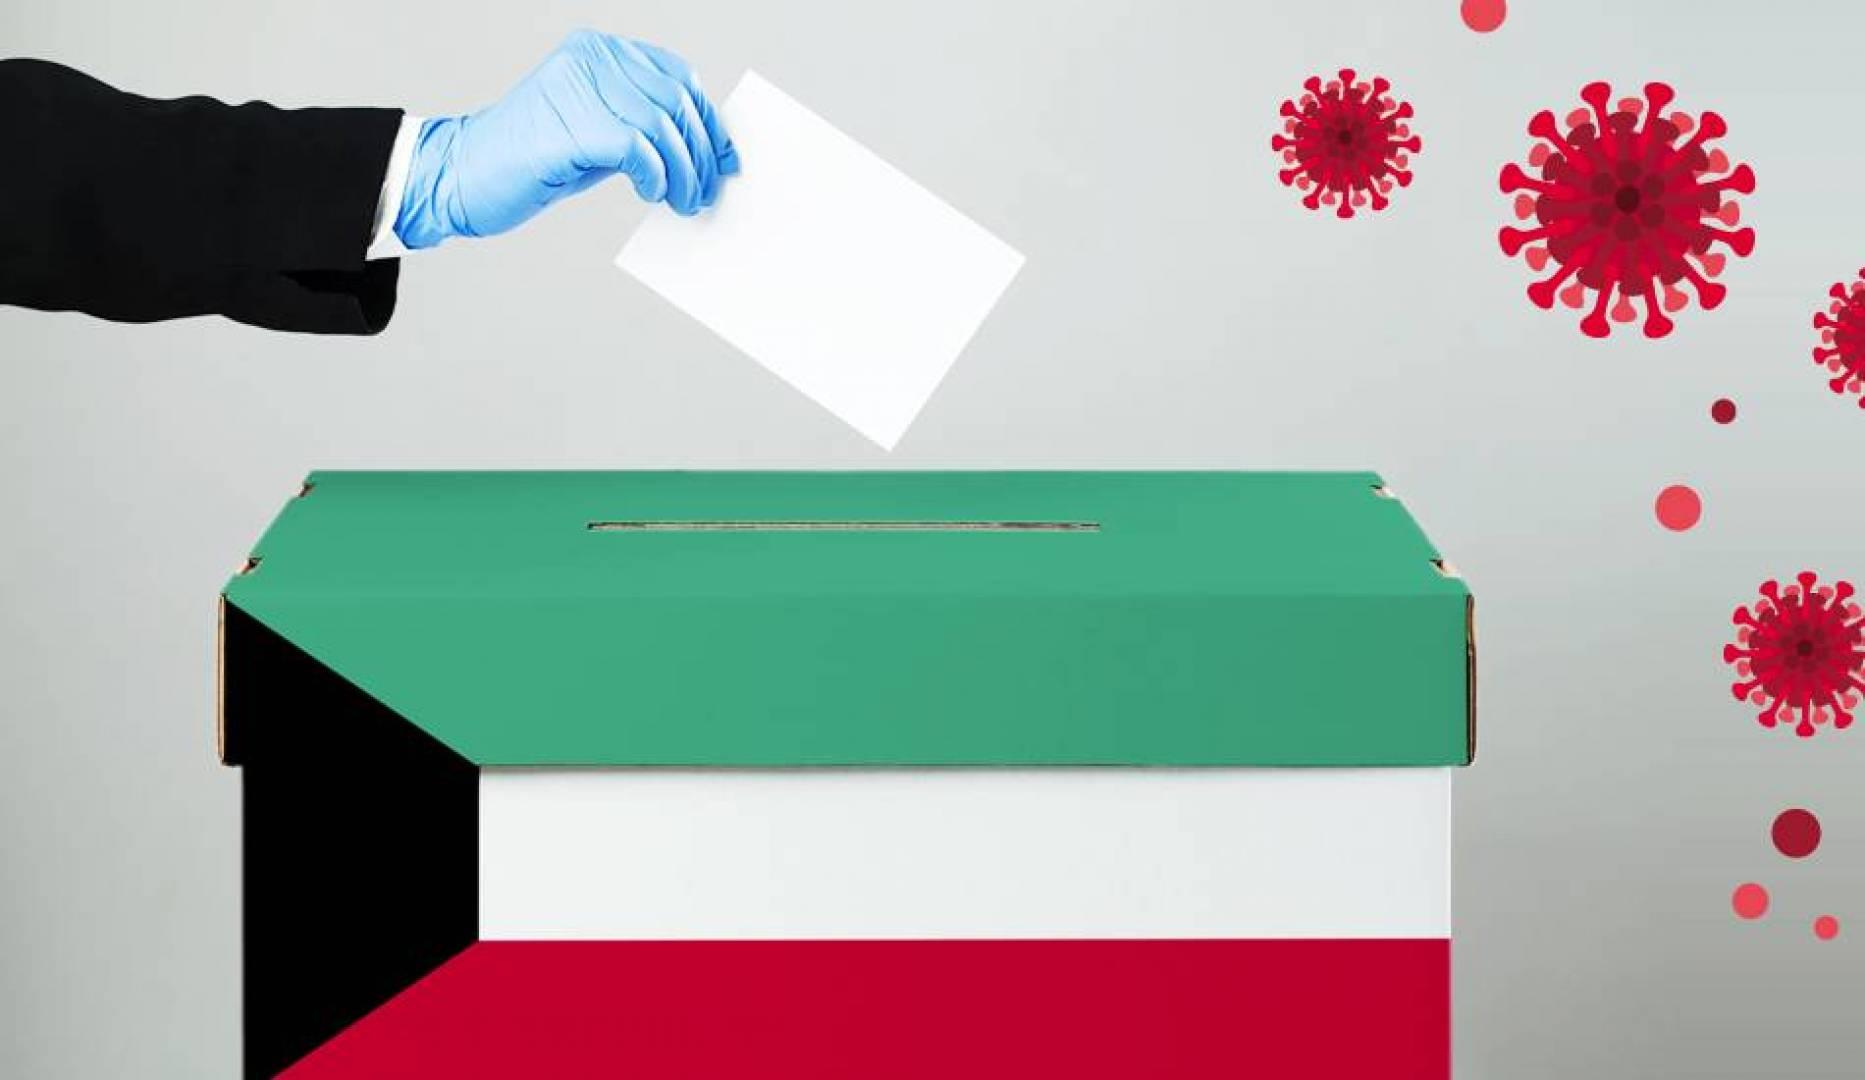 تصويت مصابي «كورونا» لا يتعارض مع قانون الانتخاب.. لكنه مخالف صحياً